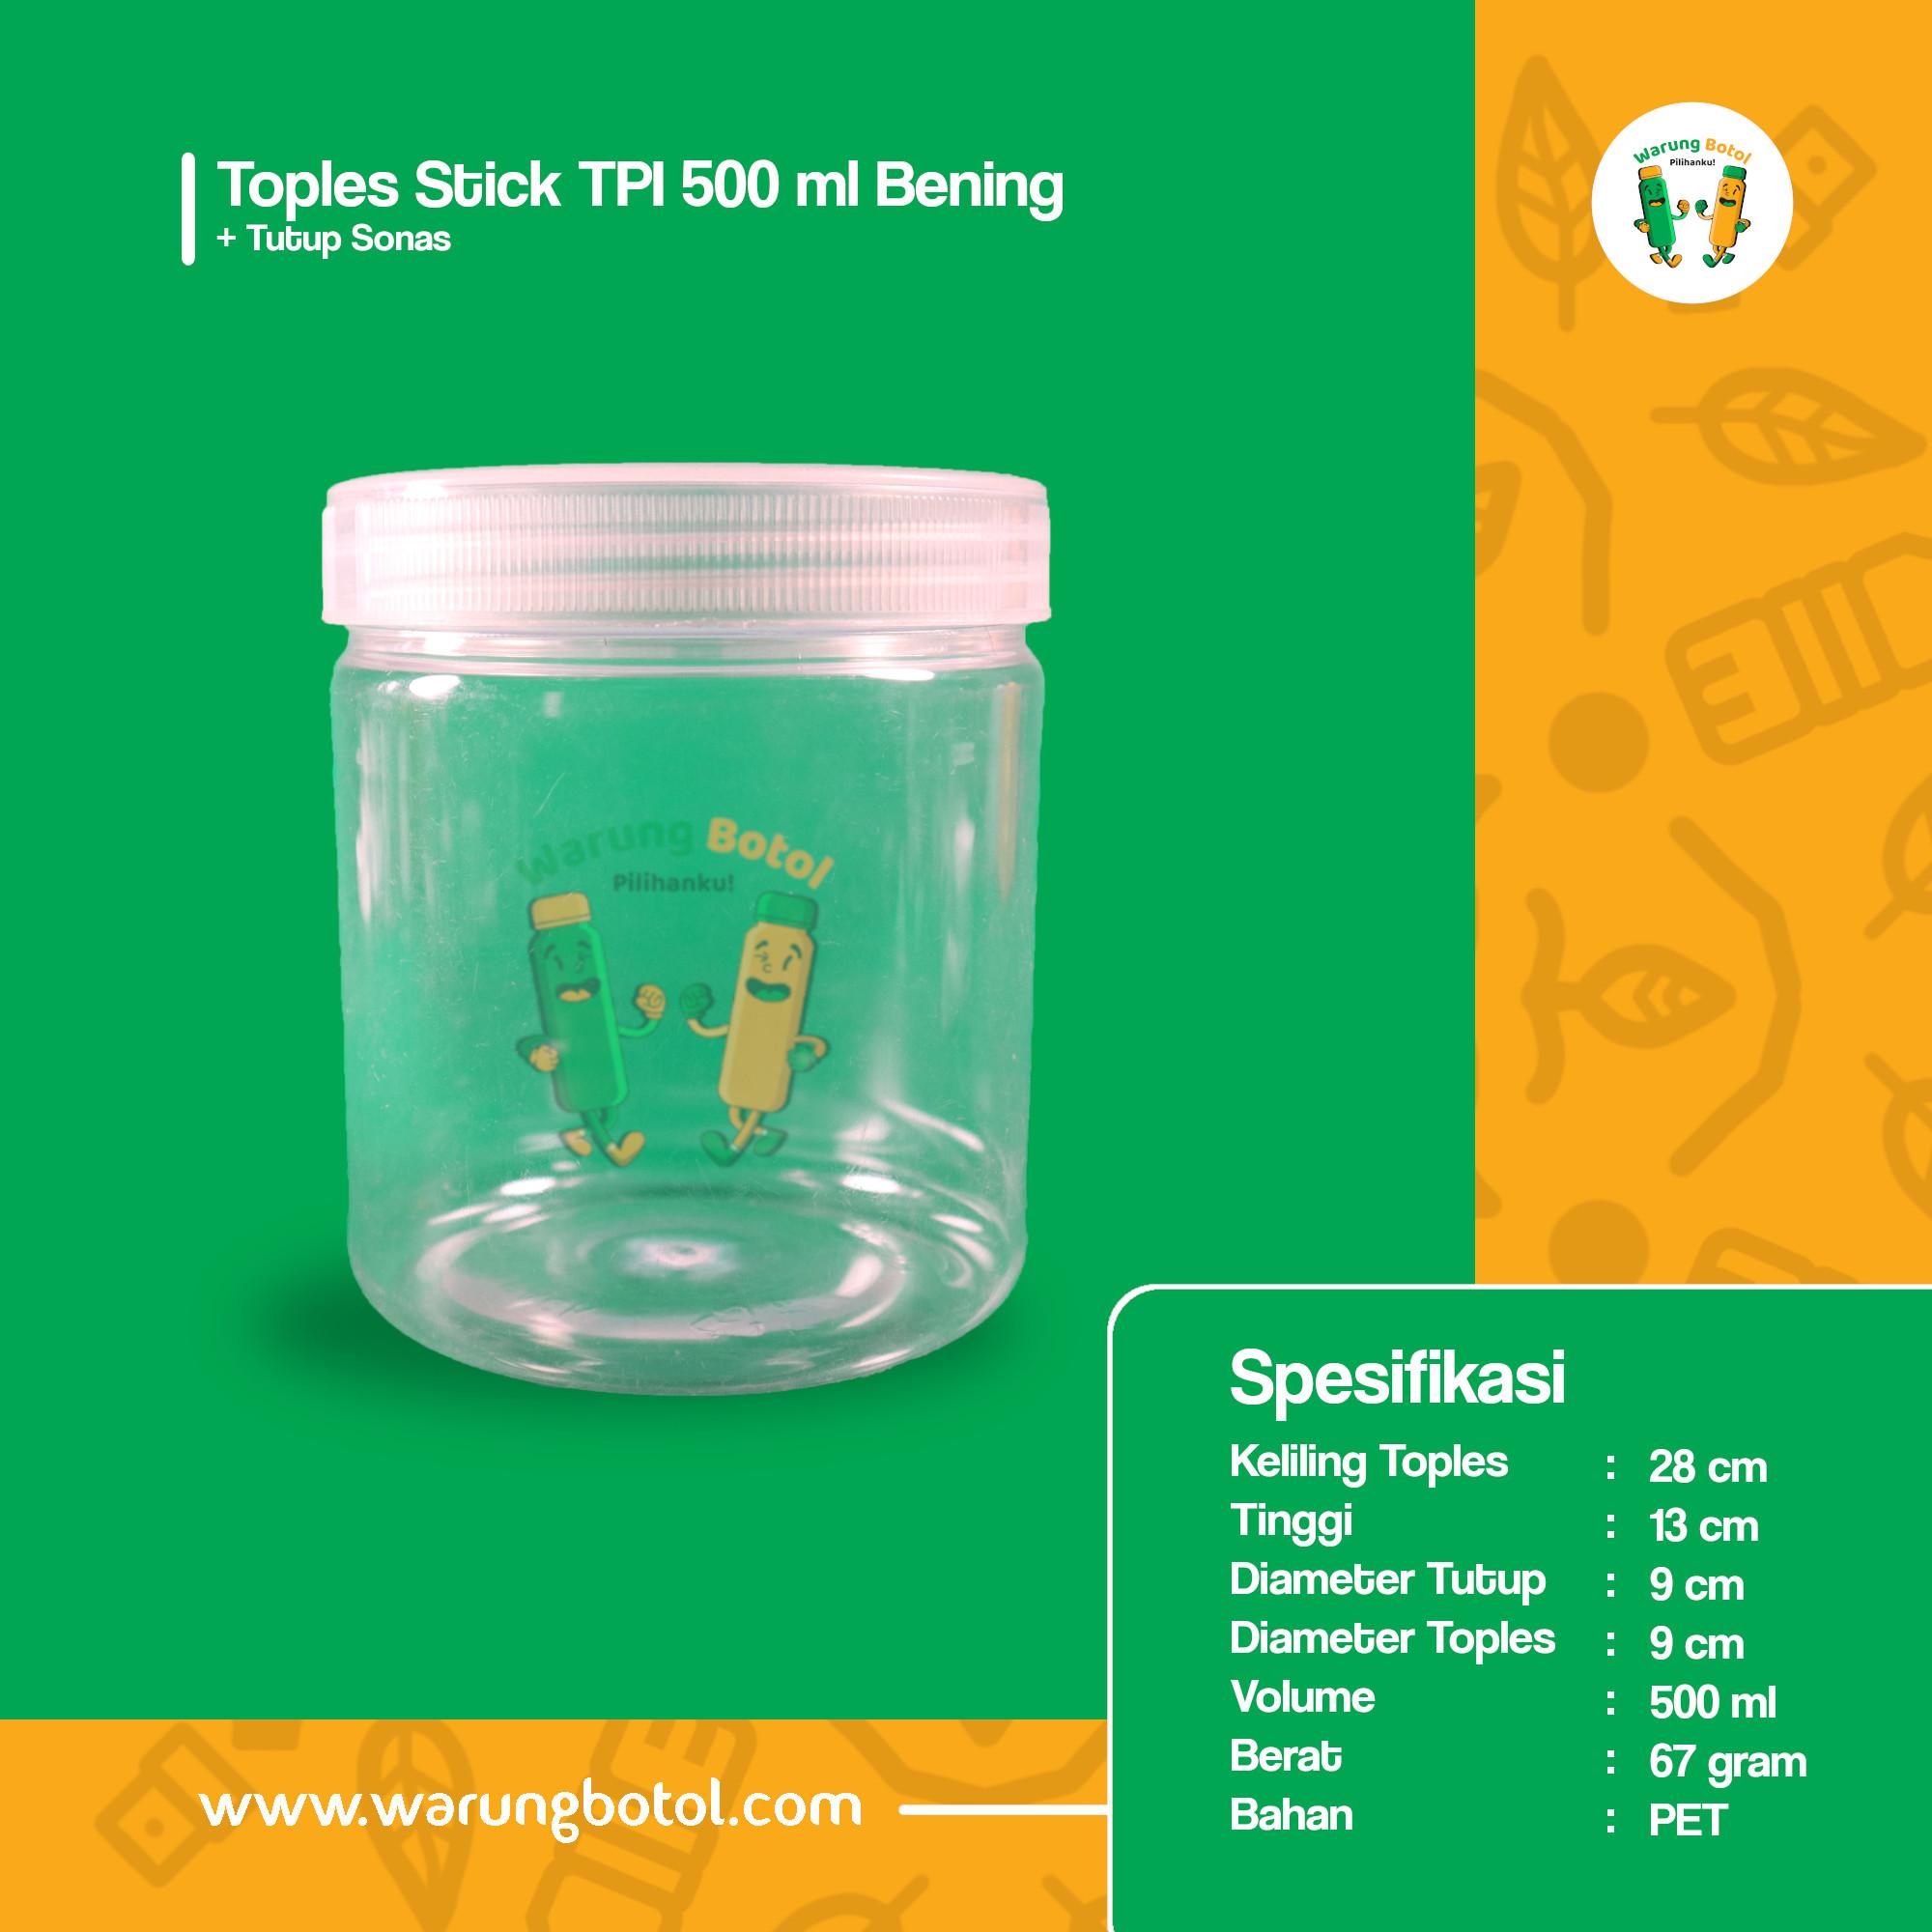 distributor toko jual toples plastik murah silinder 500ml untuk astor kue kering lebaran coktlat, nastar terdekat di bandung jakarta bekasi bogor